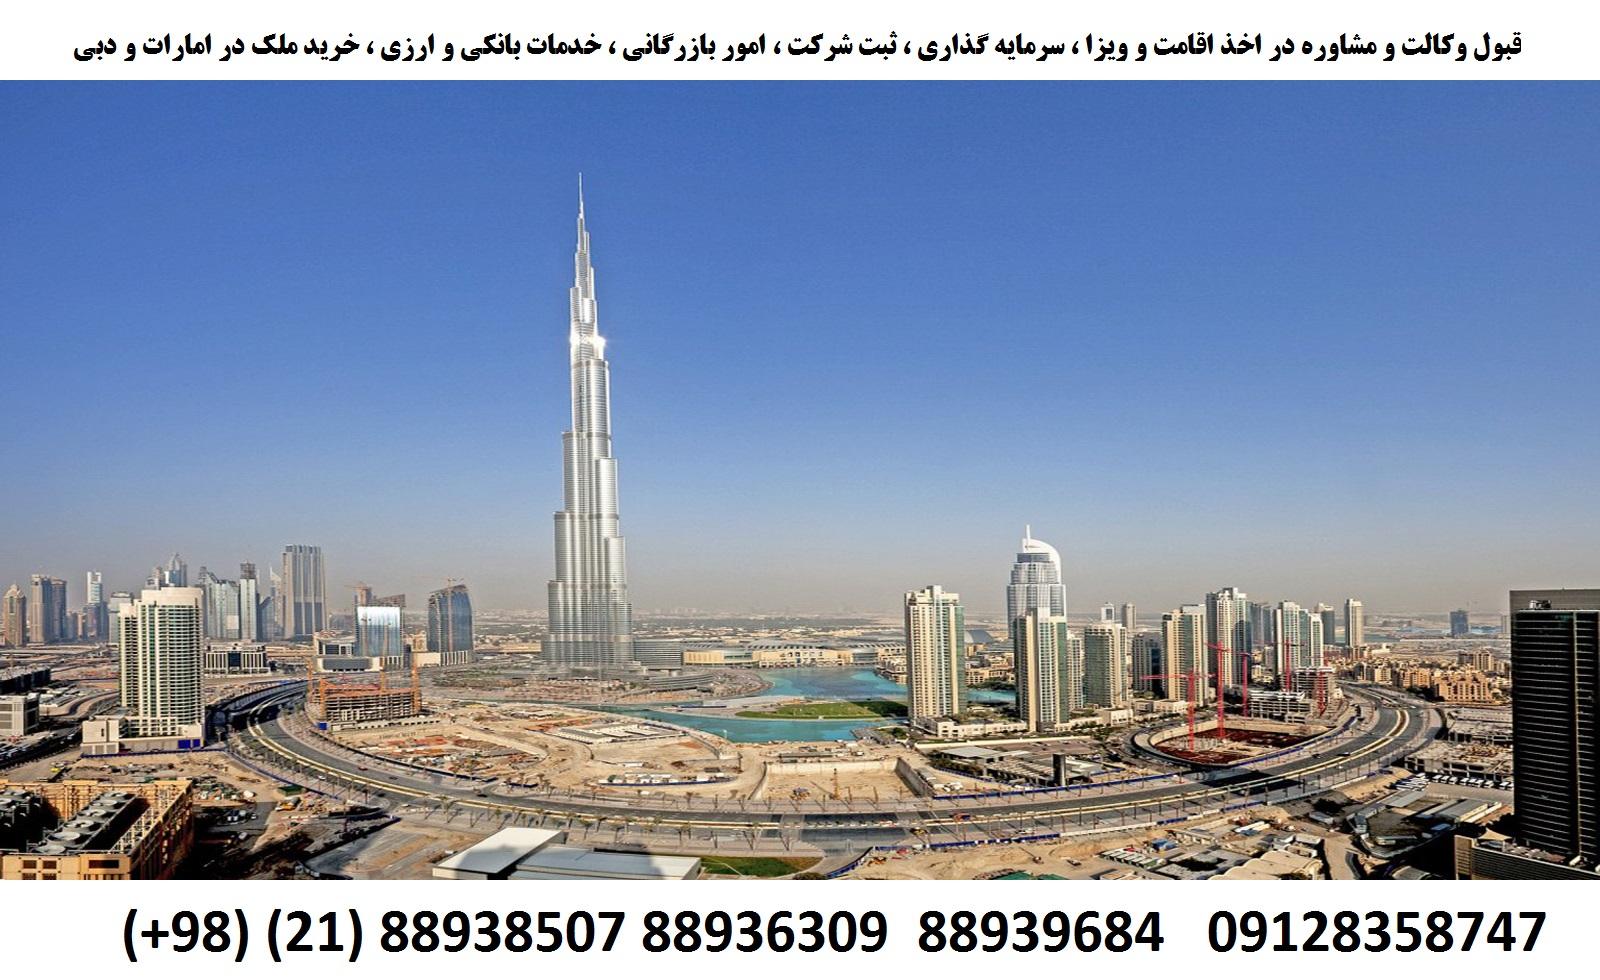 اقامت ، ثبت شرکت ، سرمایه گذاری ، خرید ملک در امارات و دبی (3)